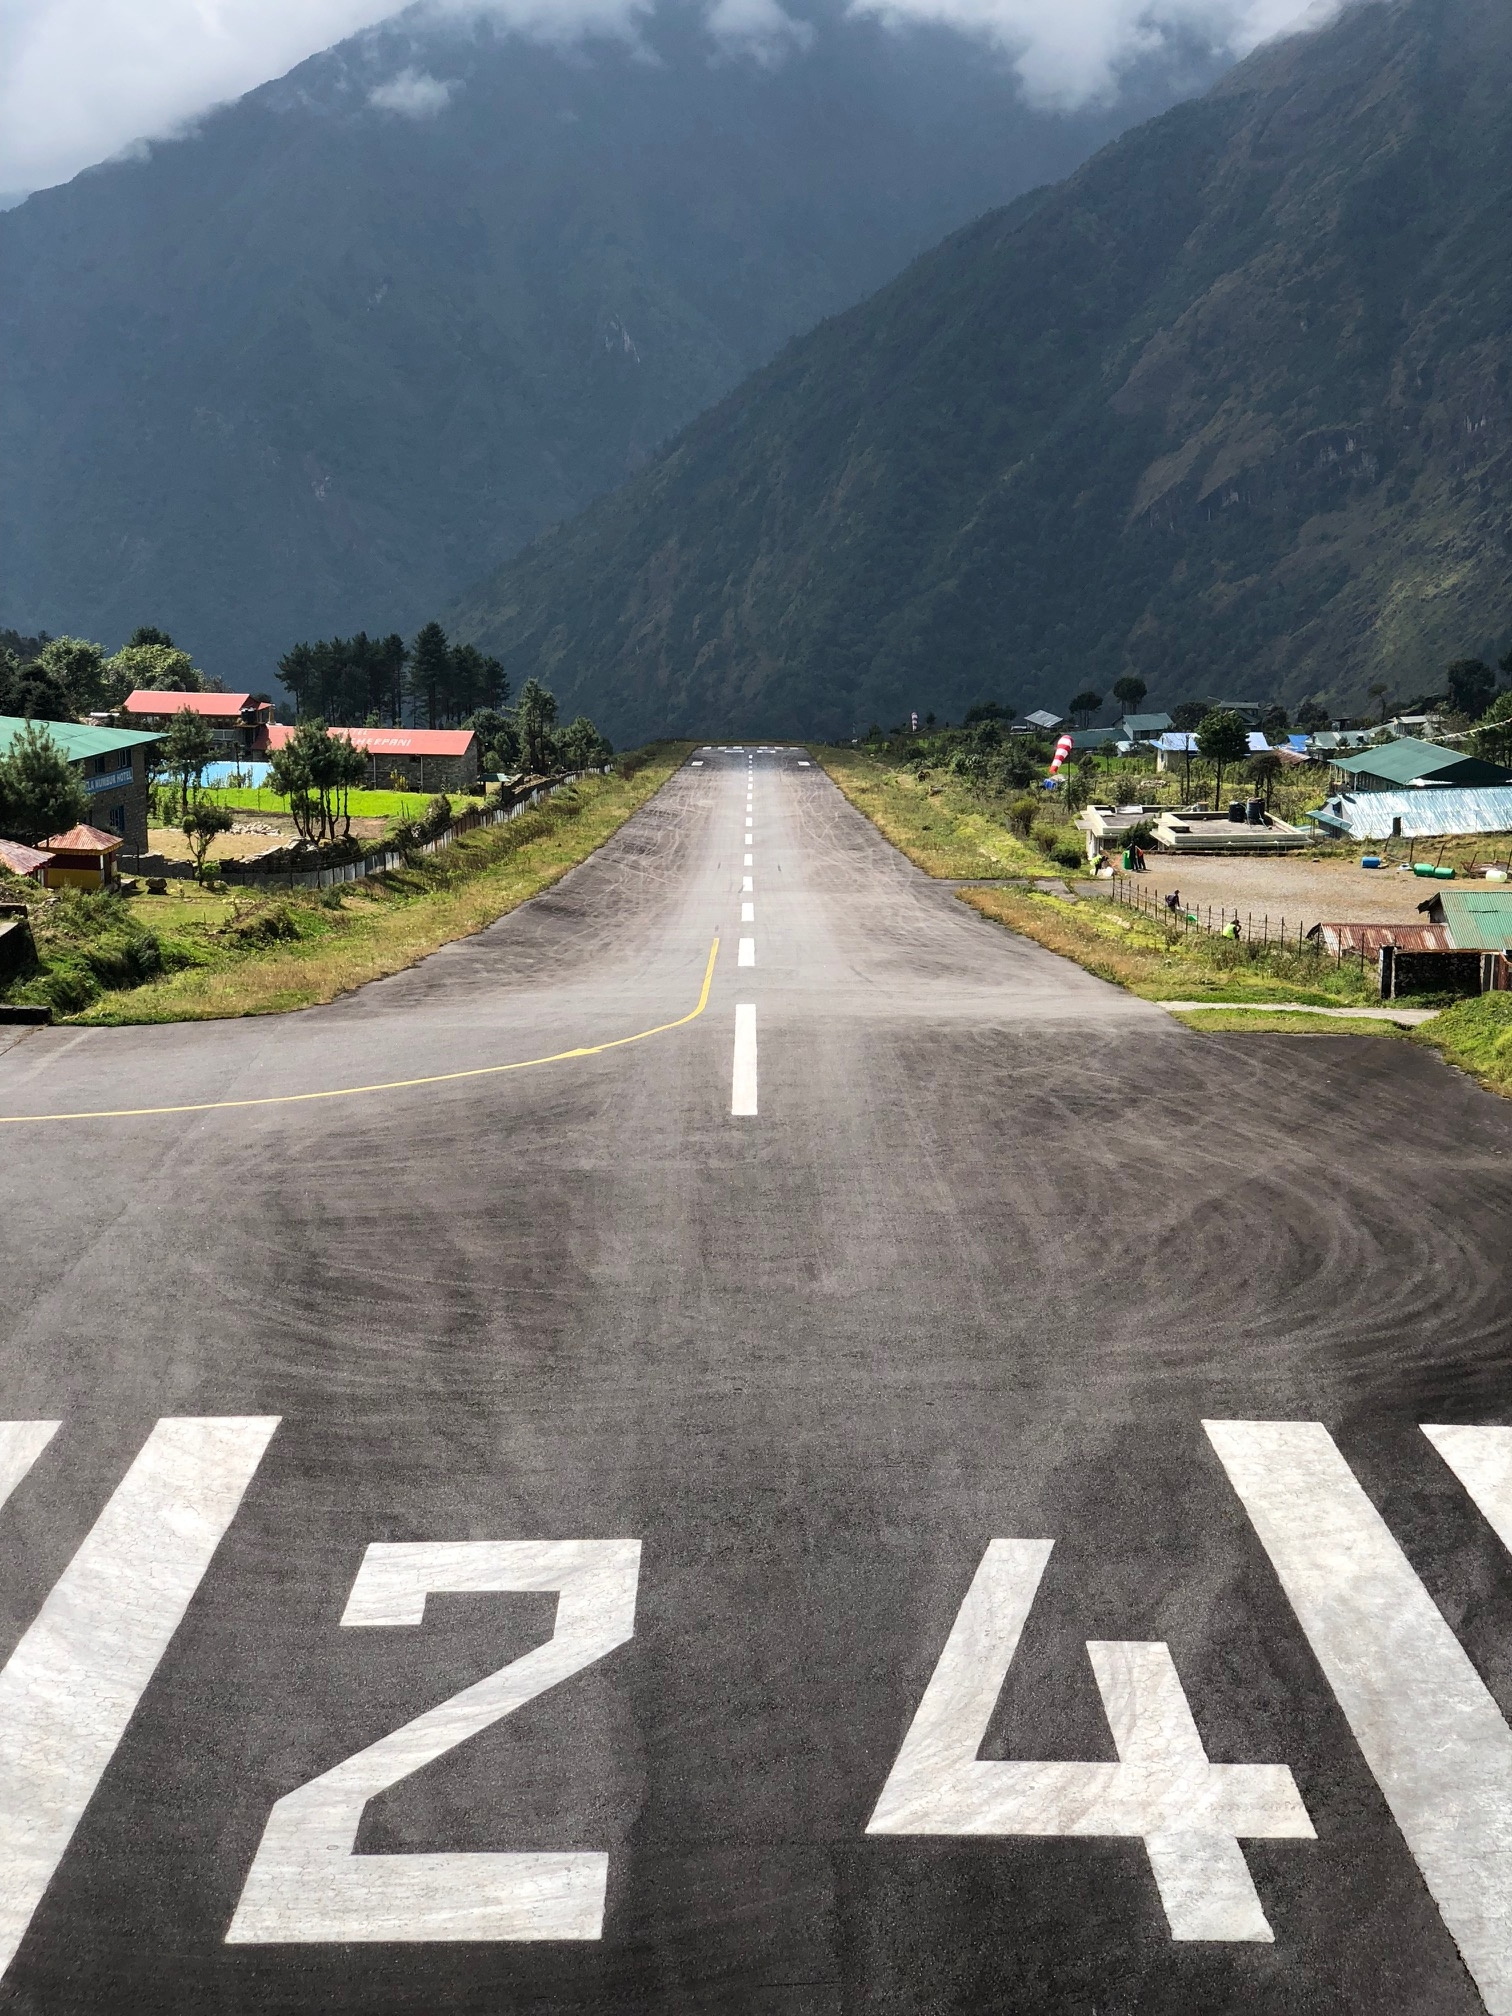 Luklan lentokenttä 2800 metrin korkeudessa